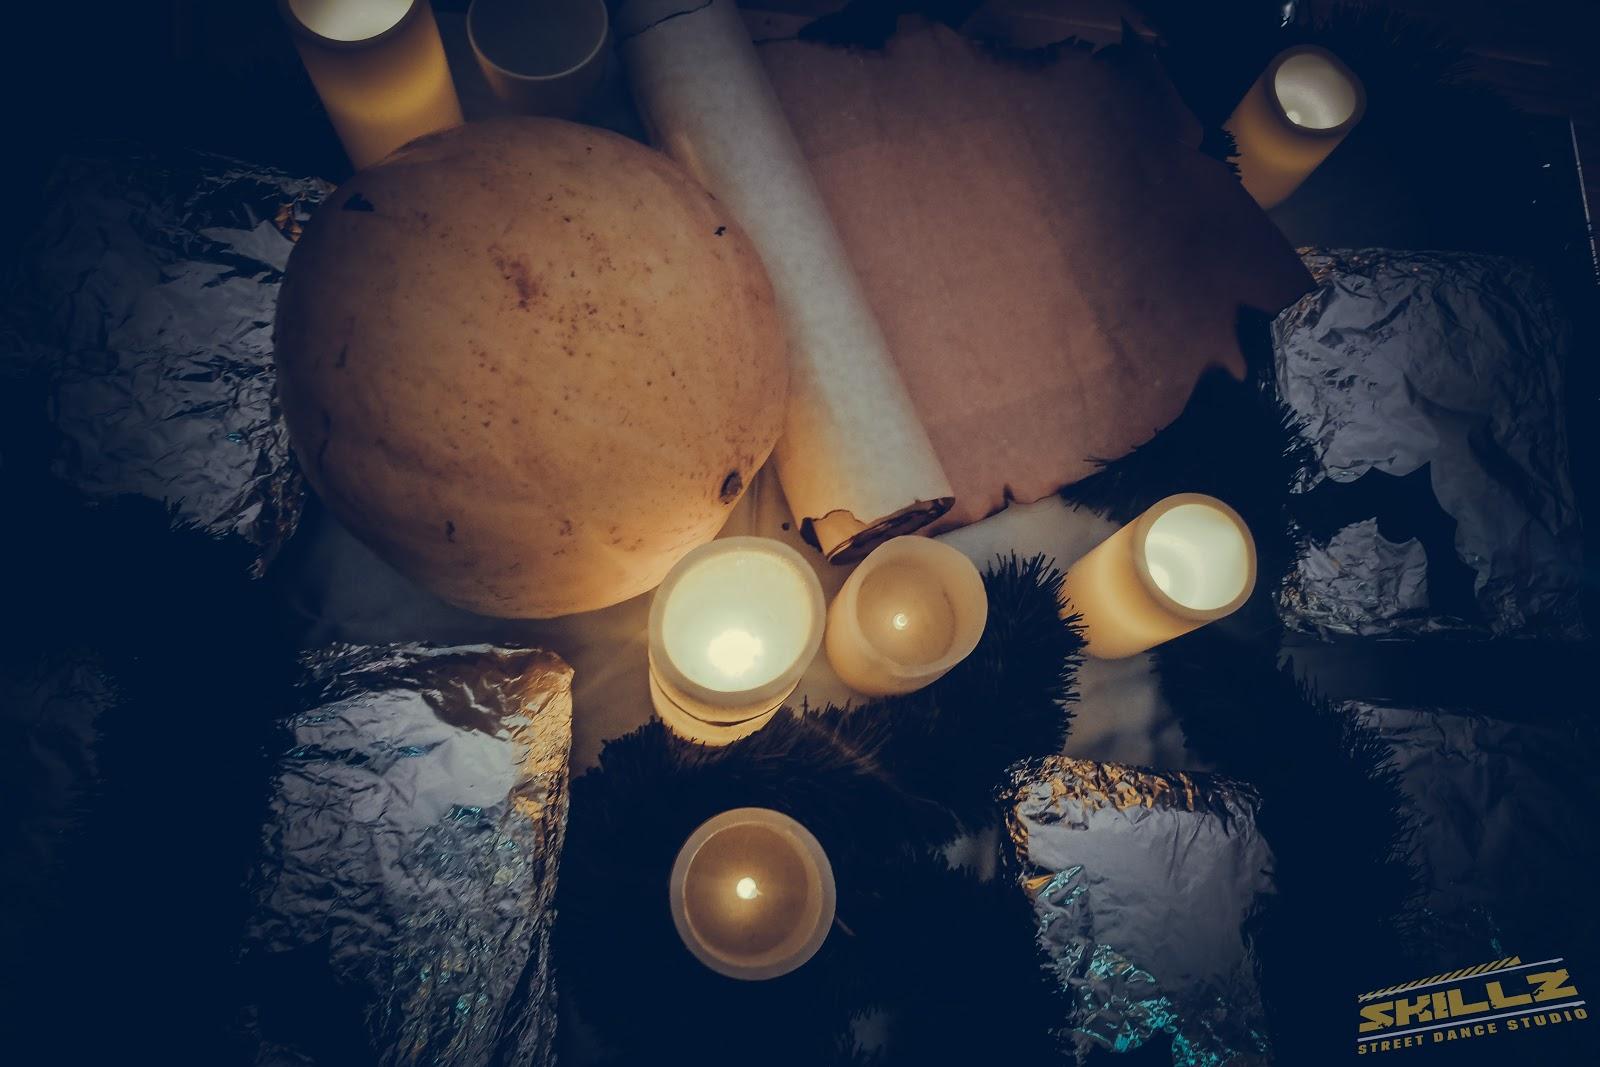 Naujikų krikštynos @SKILLZ (Halloween tema) - PANA2149.jpg